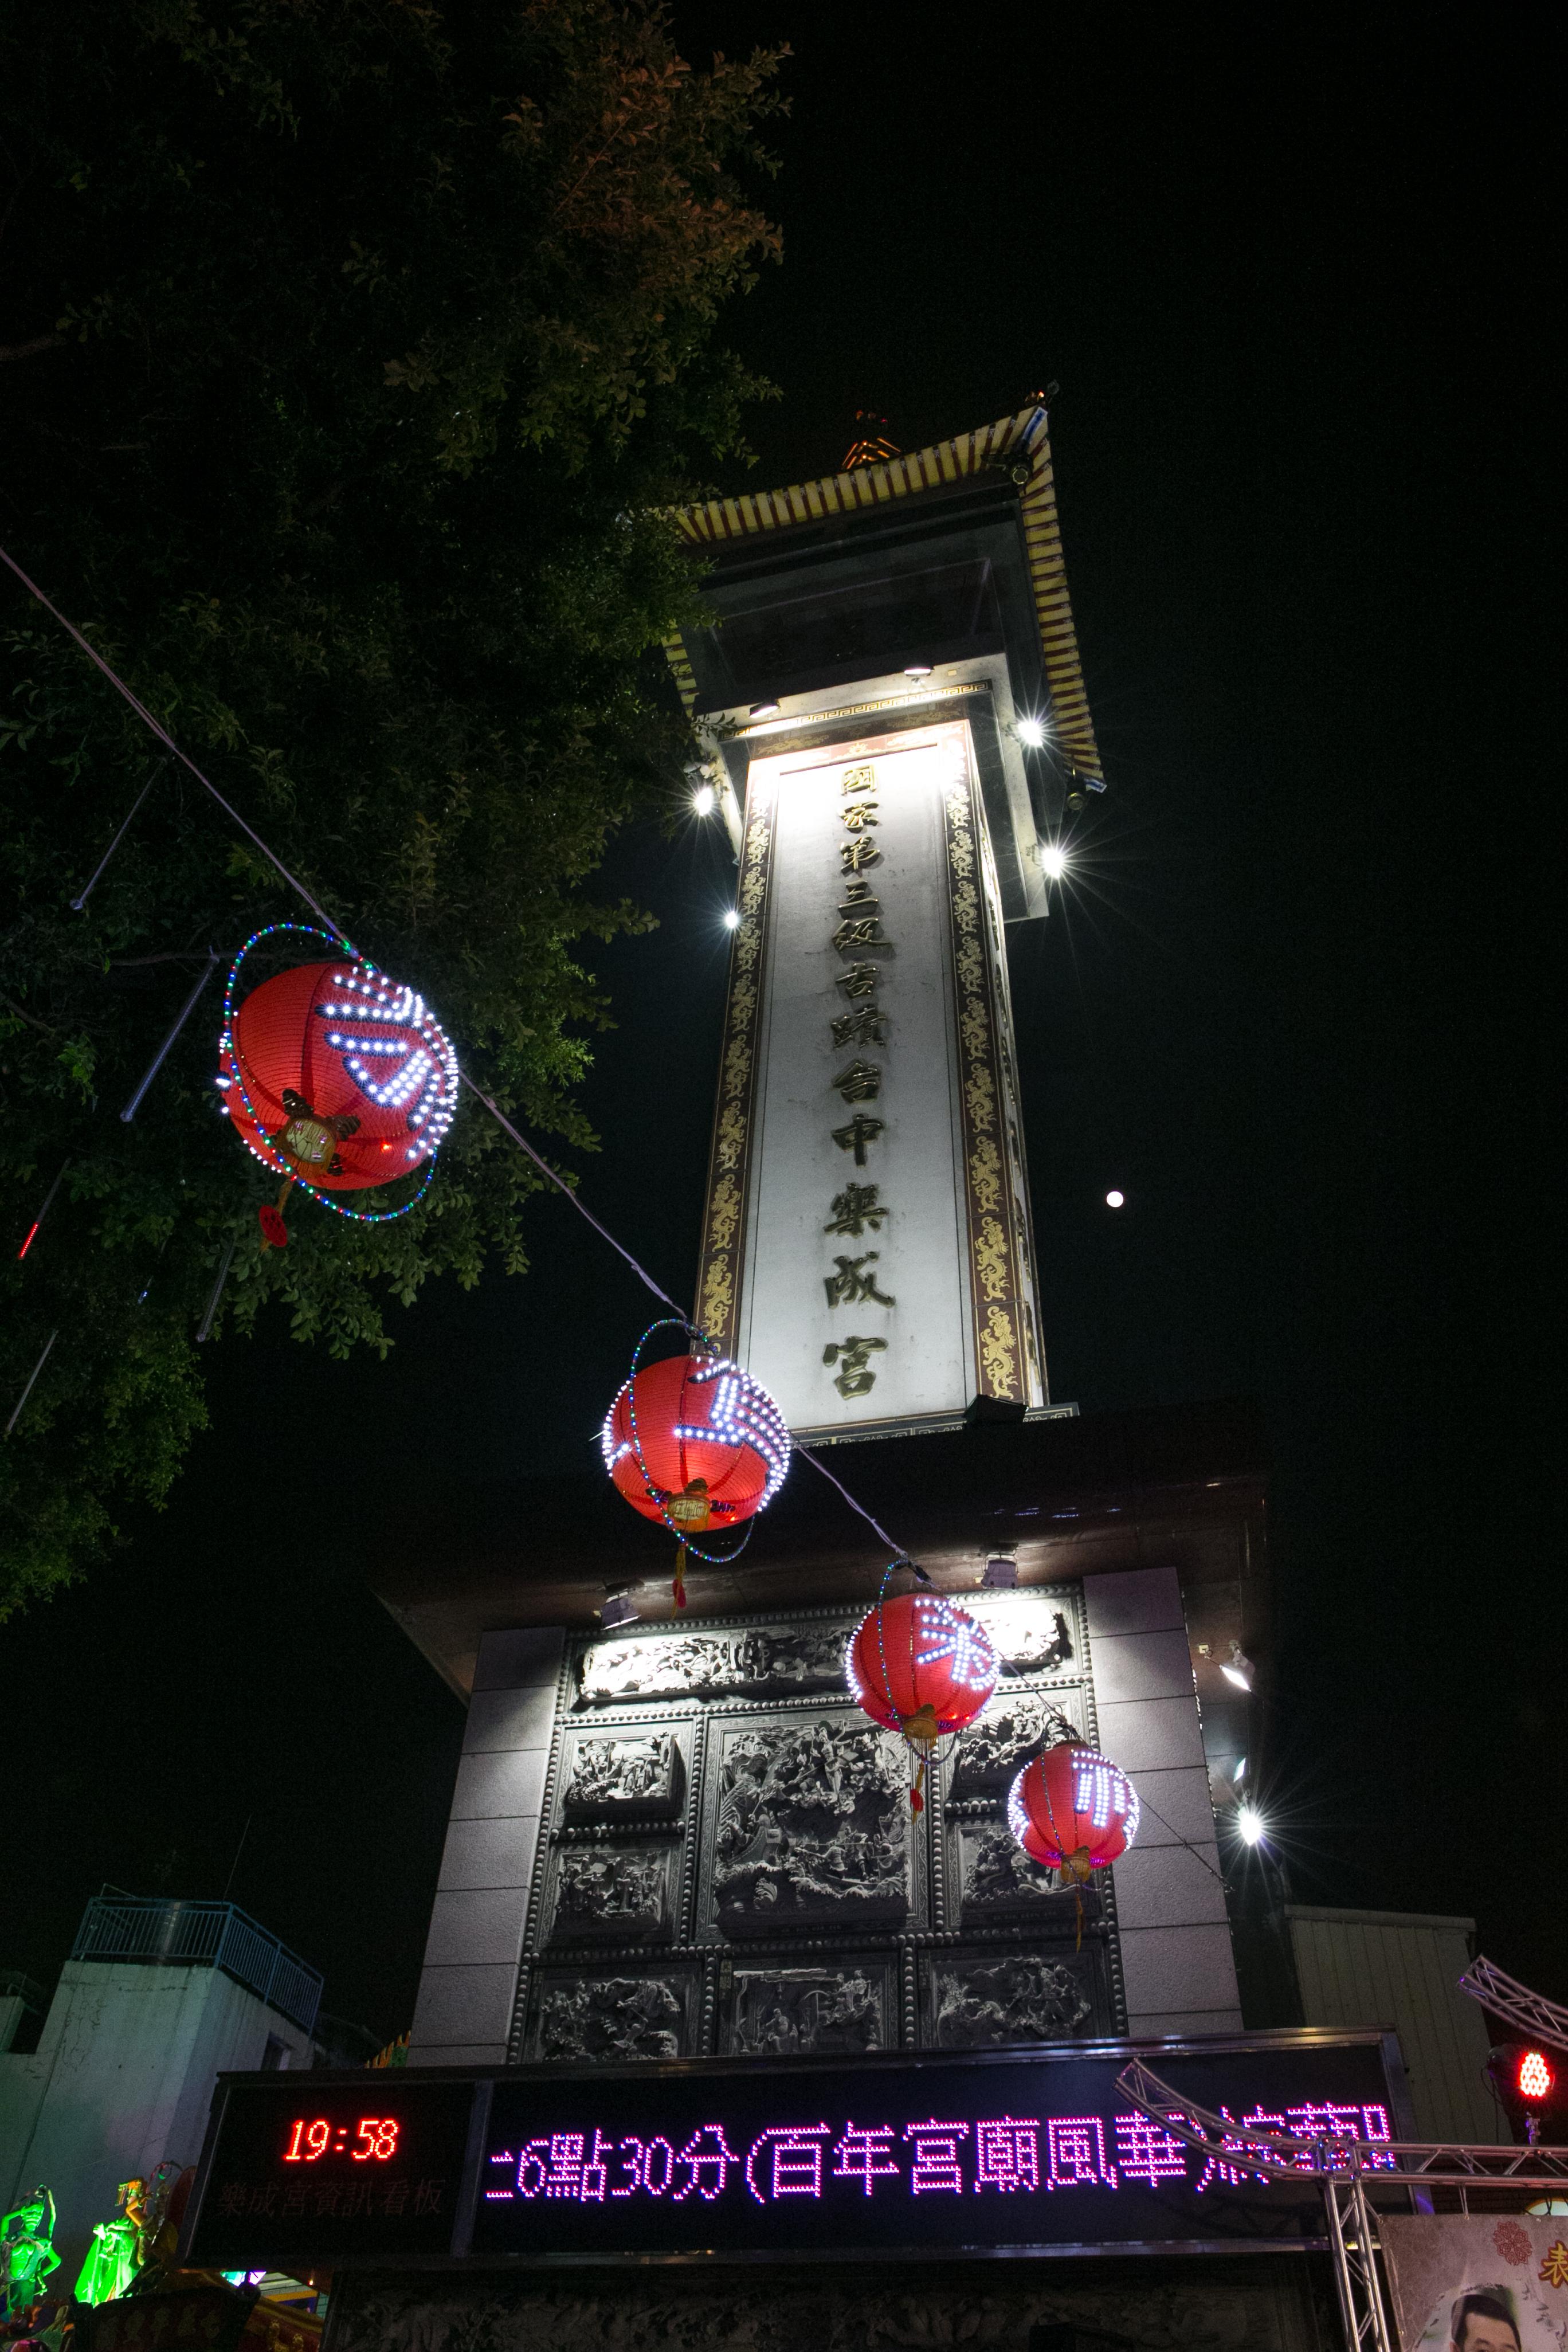 臺中媽祖國際觀光文化節在樂成宮,活動紀錄拍攝者台中婚錄張西米5